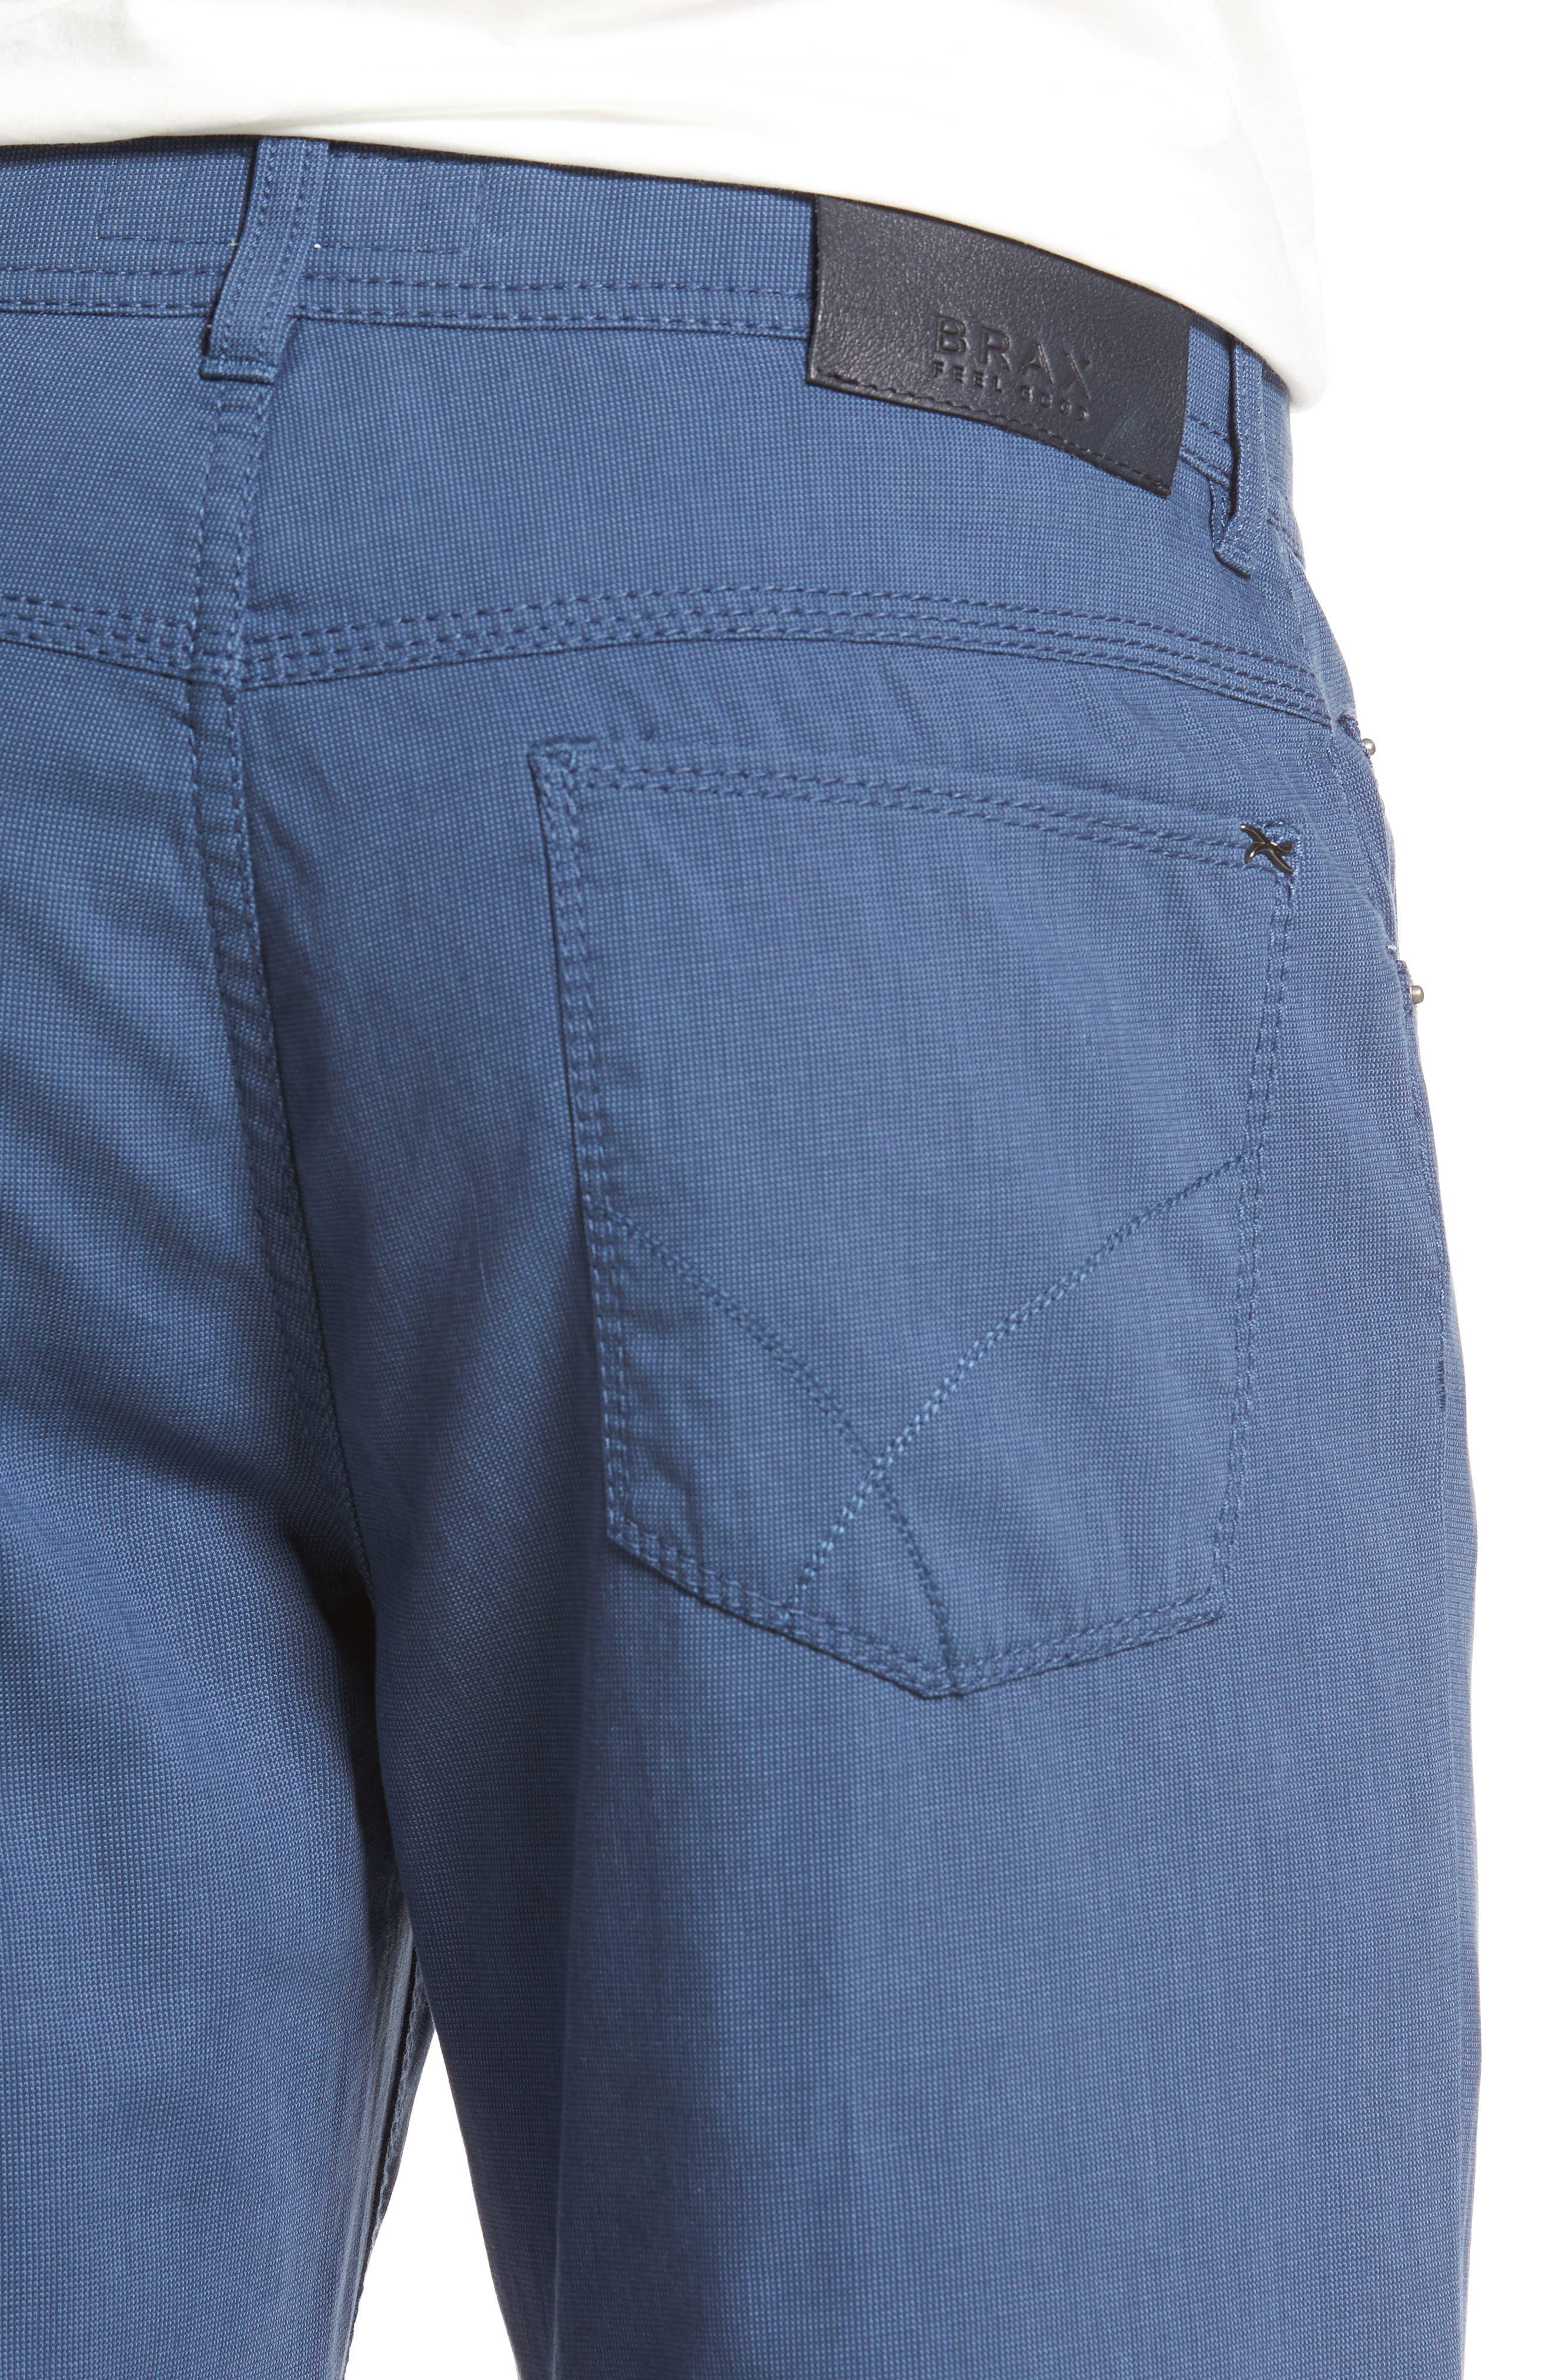 Sensation Stretch Trousers,                             Alternate thumbnail 4, color,                             BLUE